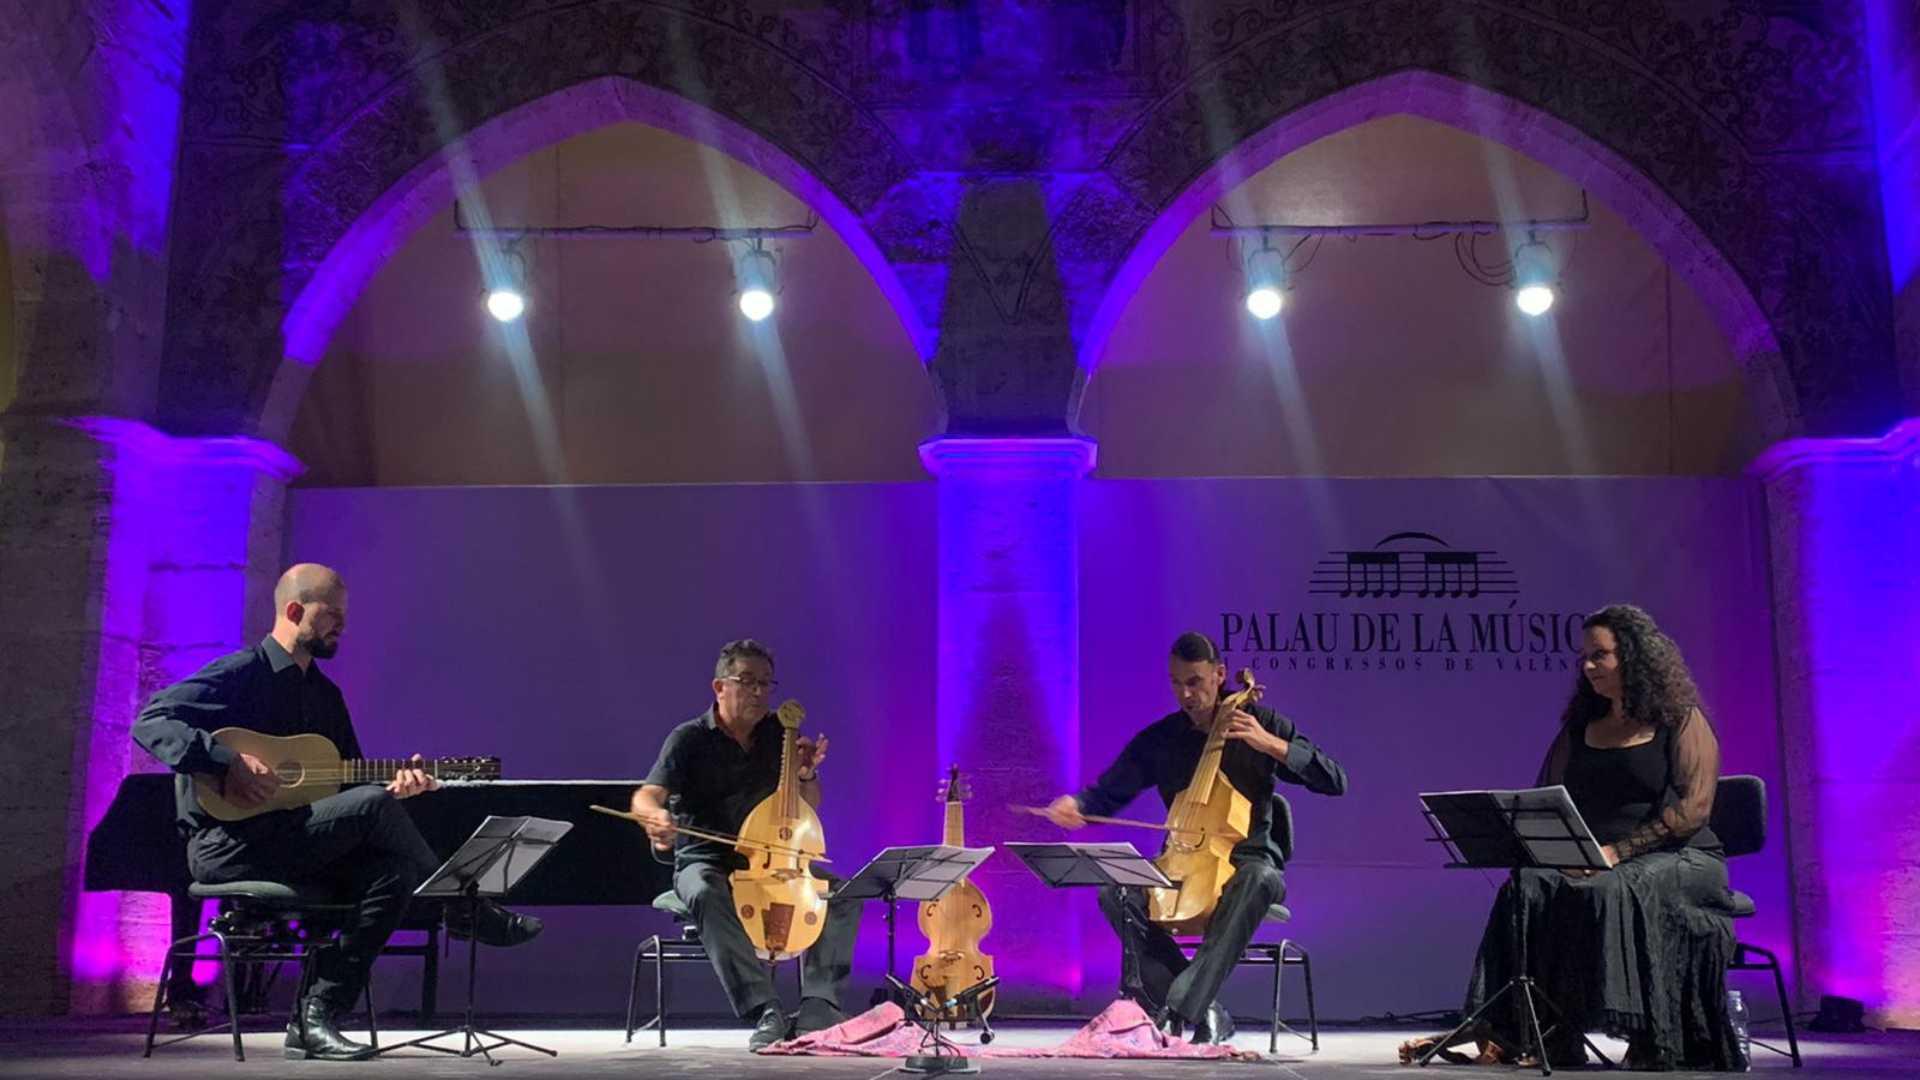 festival musica valencia